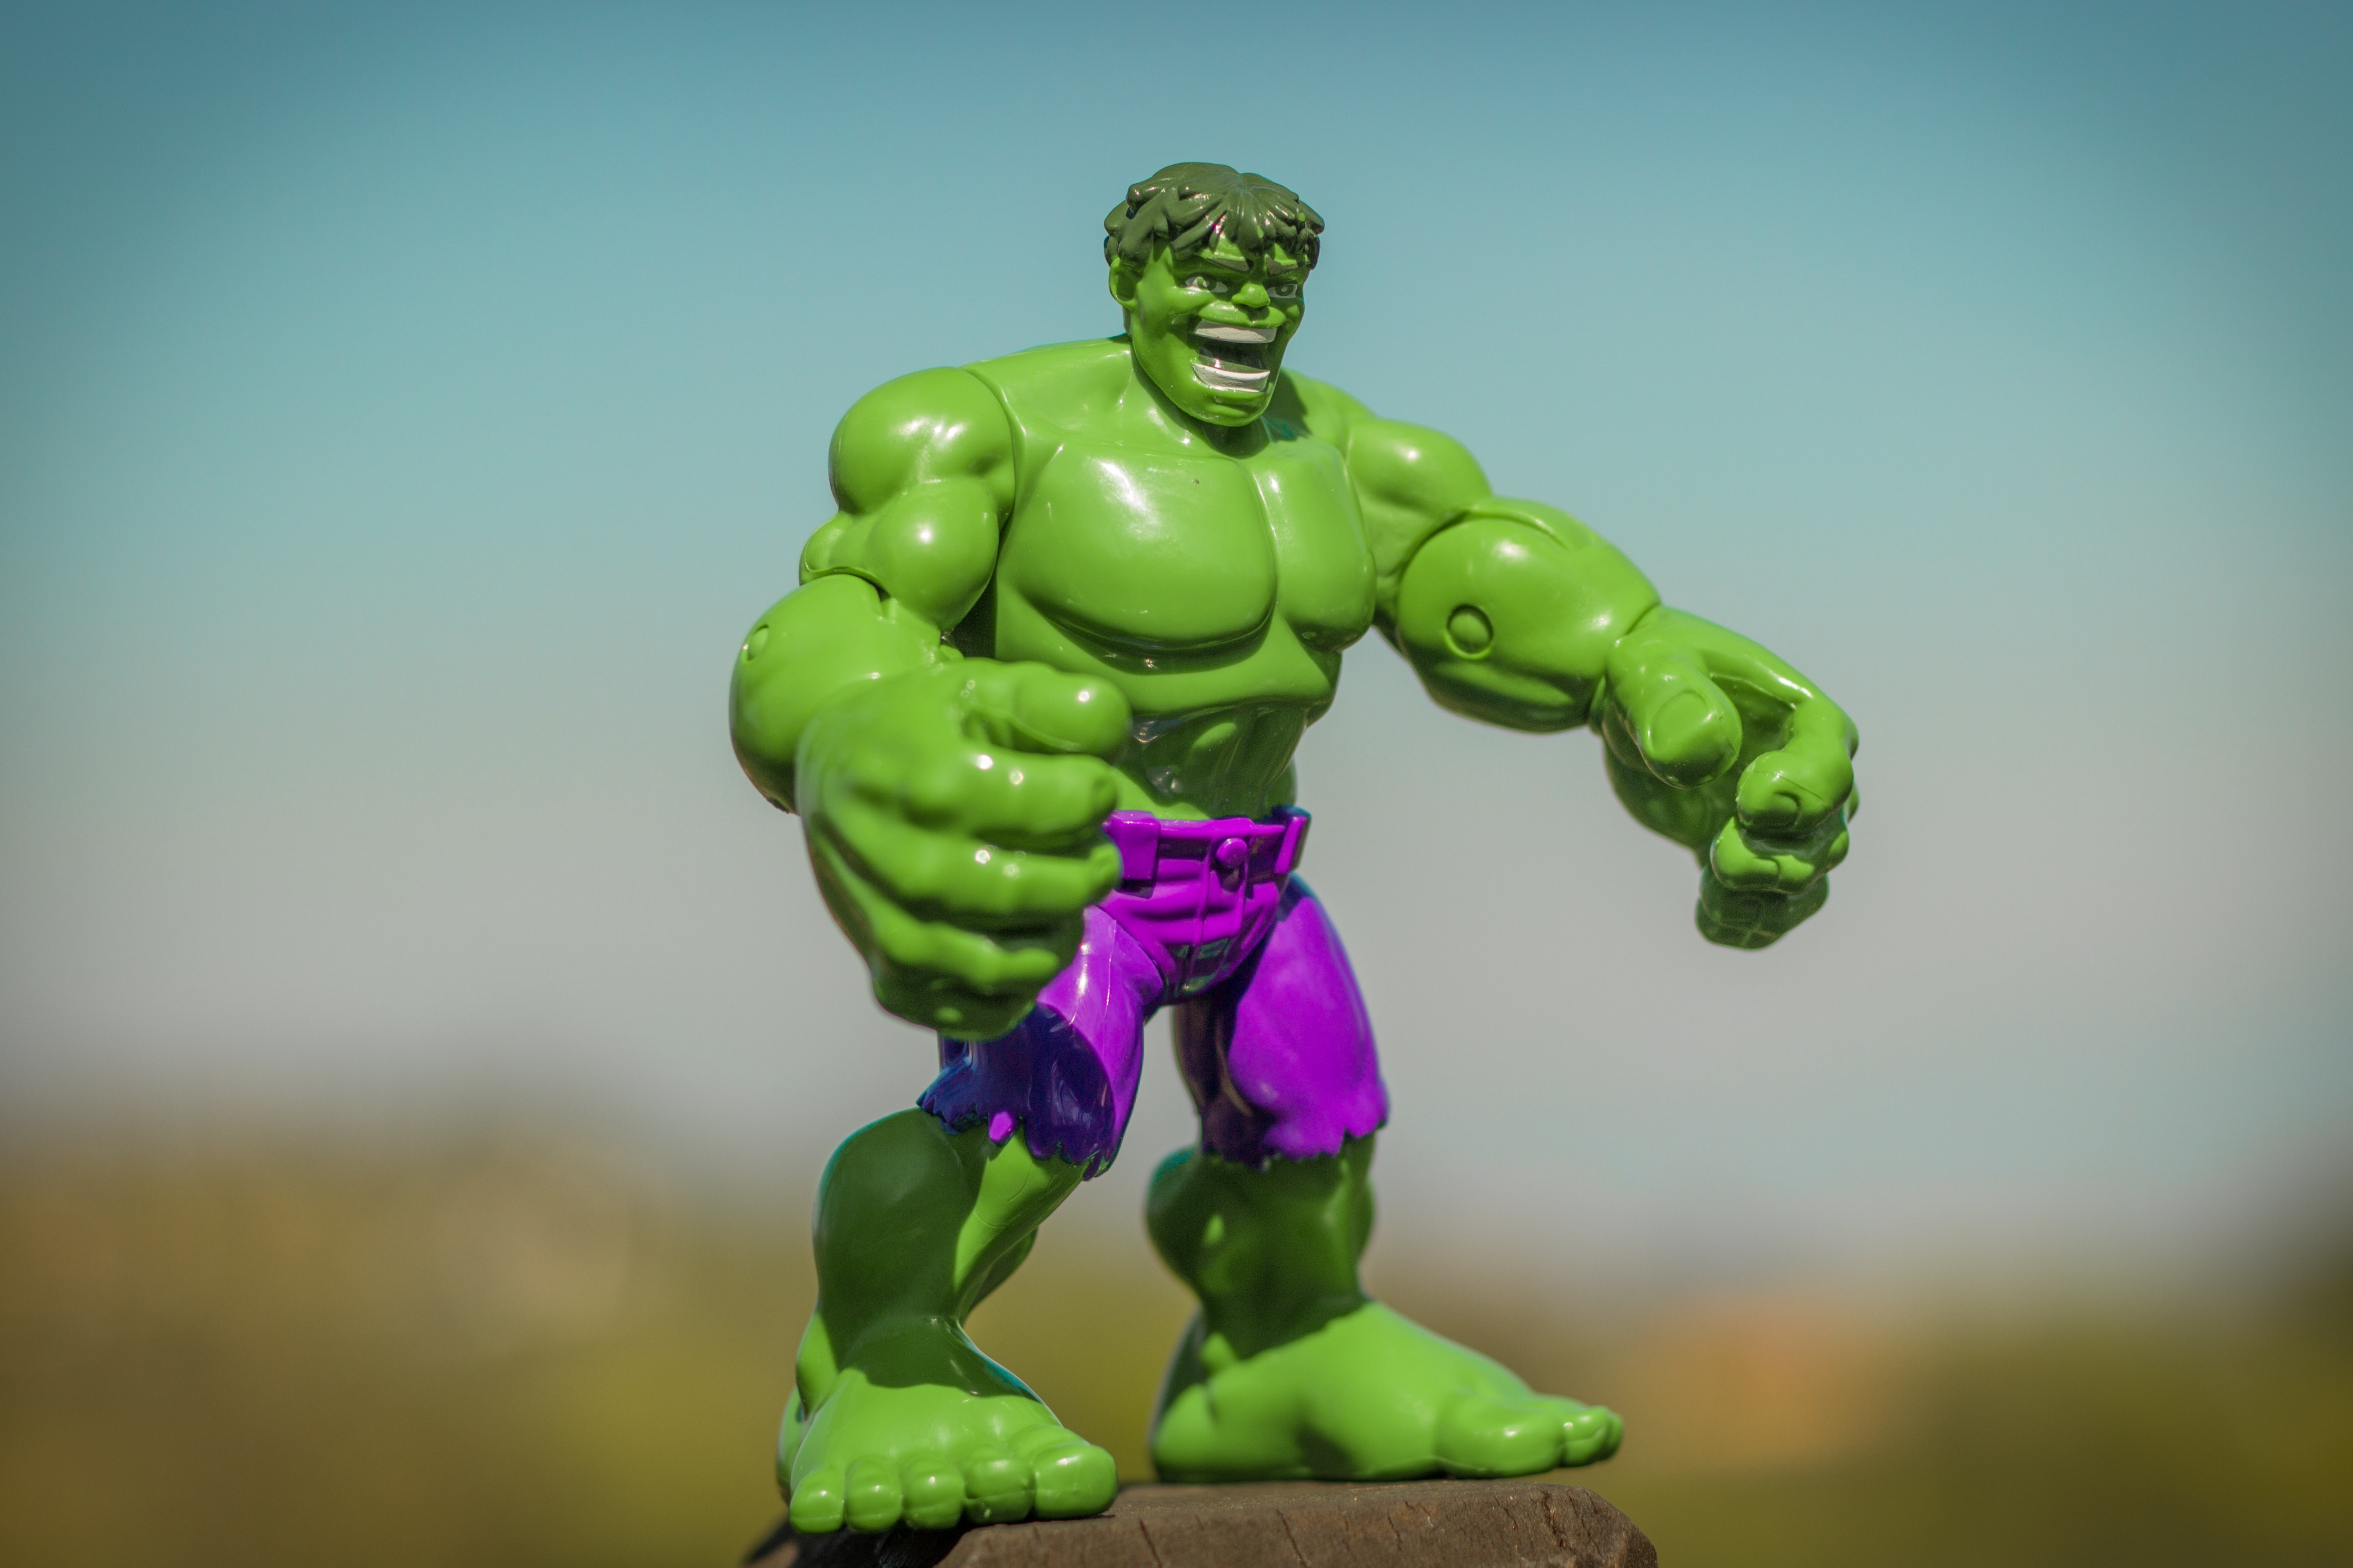 Godzina wychowawcza o gniewie…Być jak Hulk